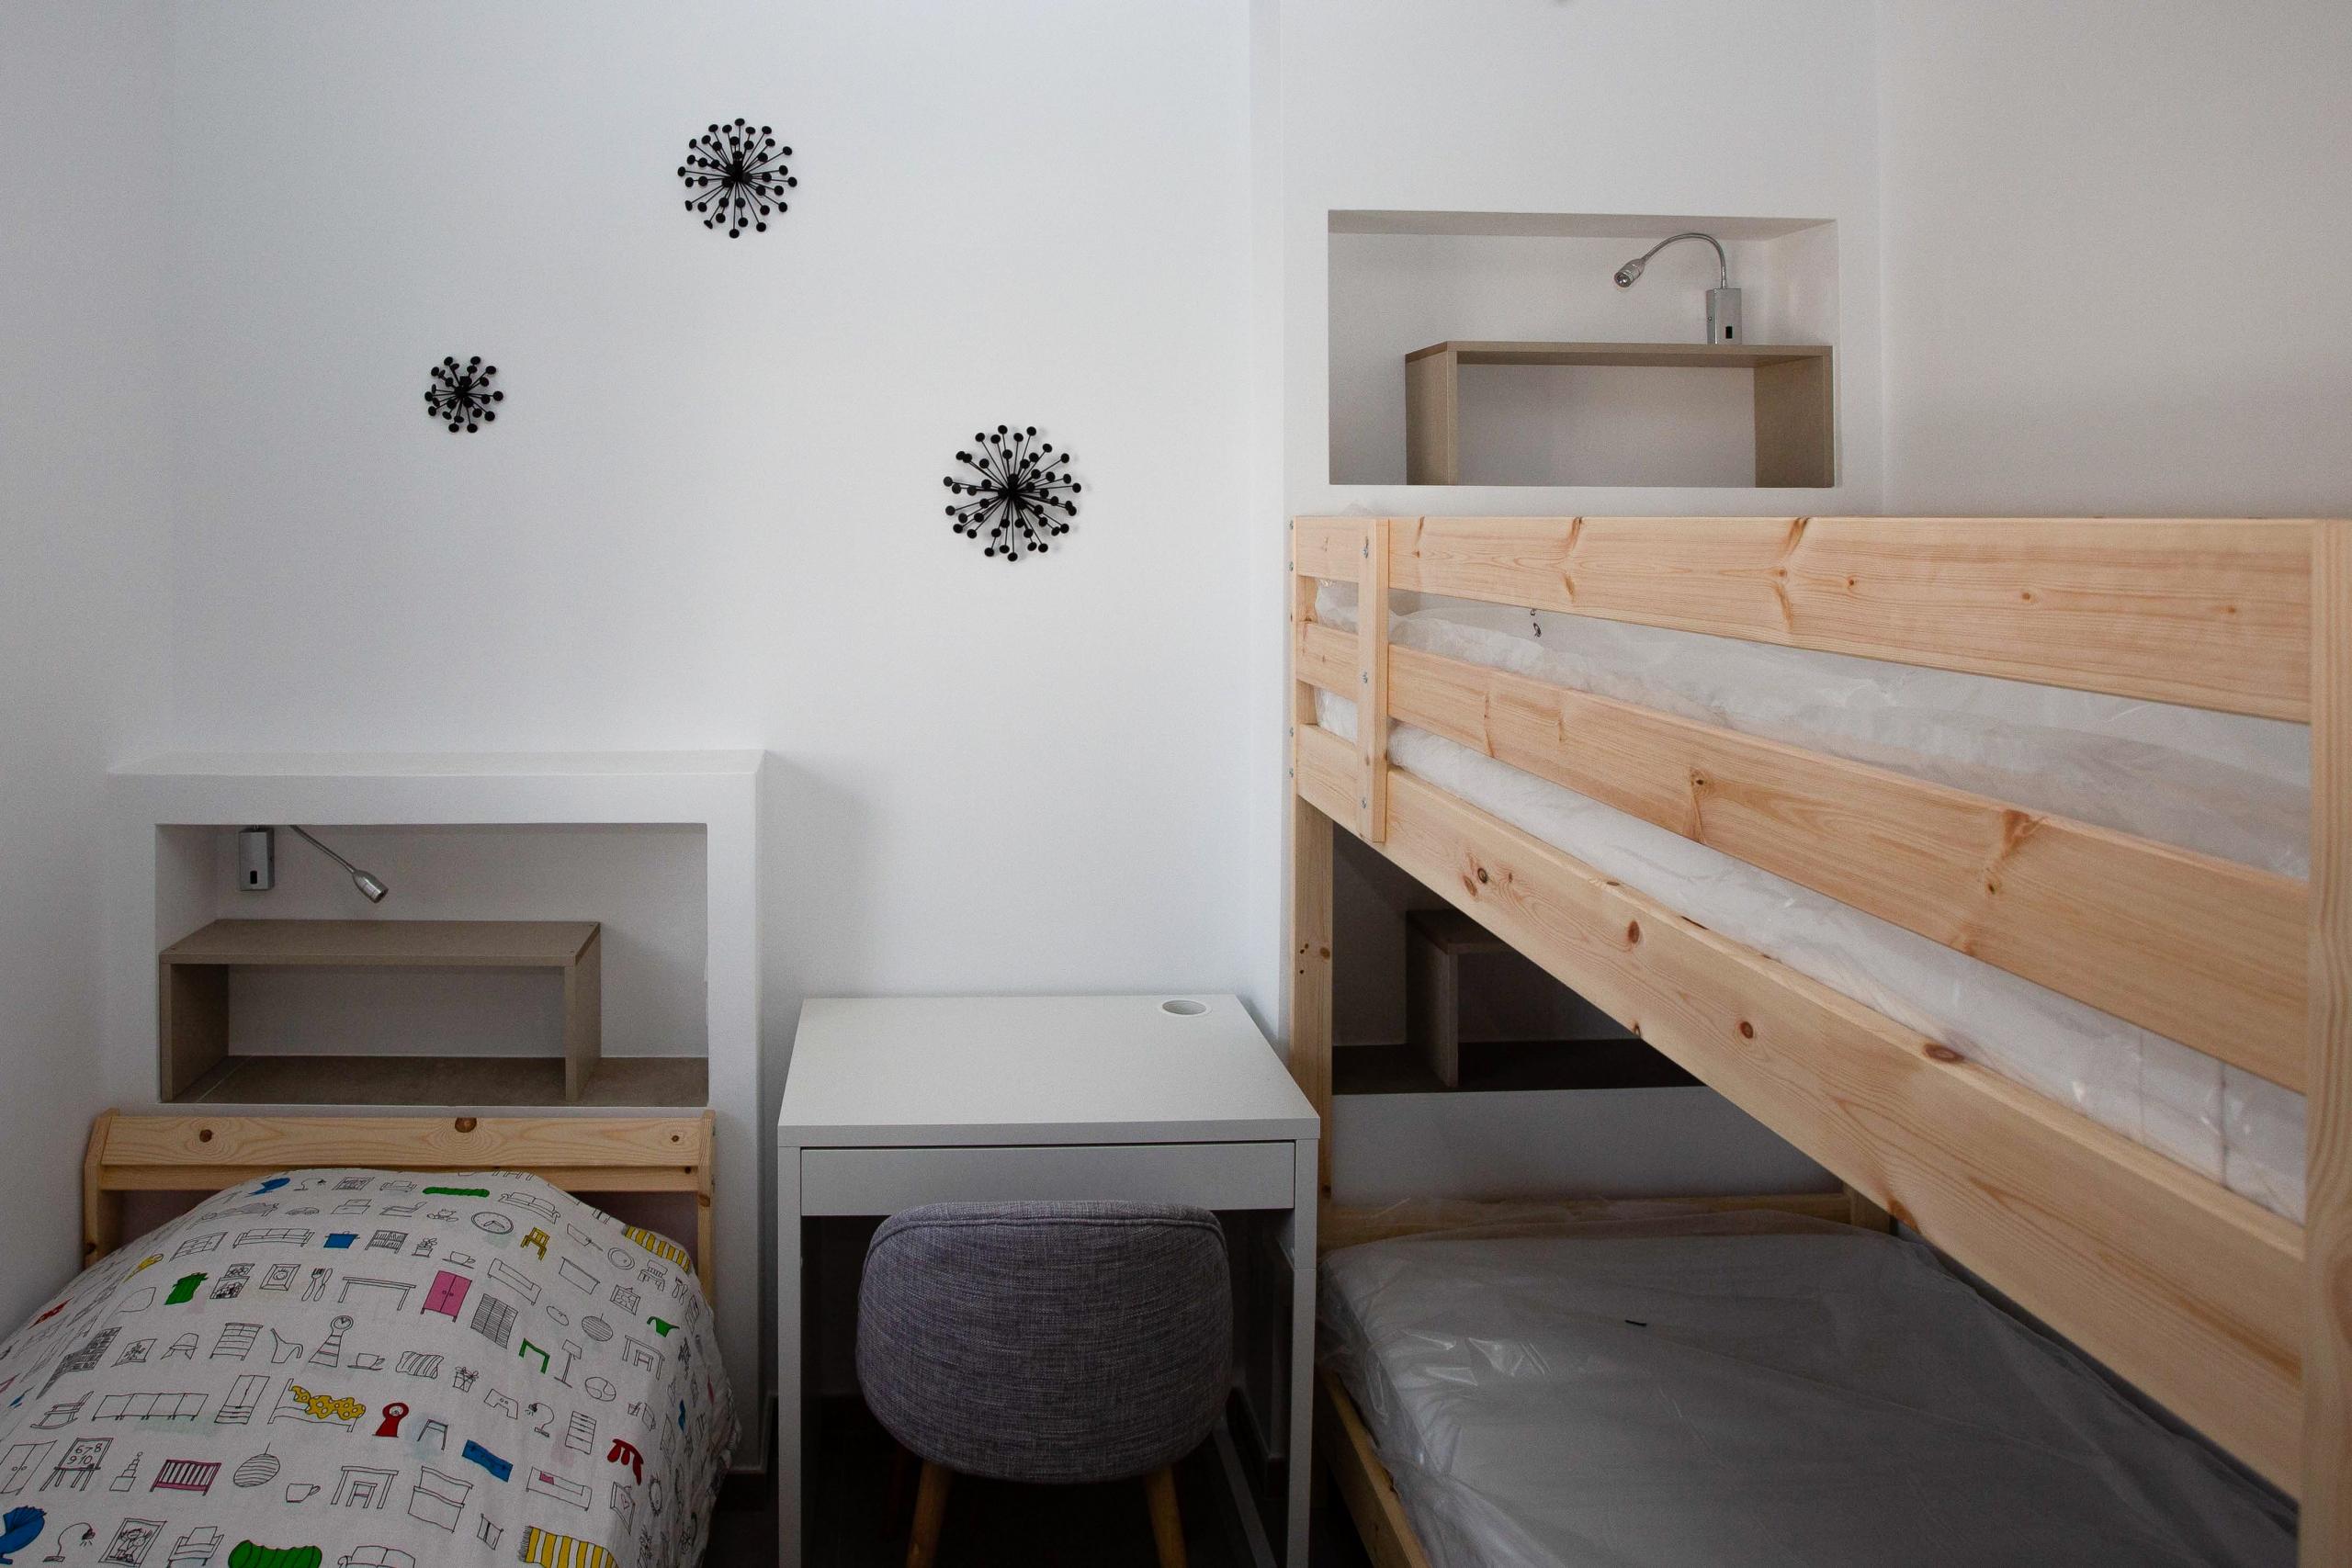 dortoir enfants vacances niches chambre d'enfant appartement décoration fonctionnel architecture d'intérieur